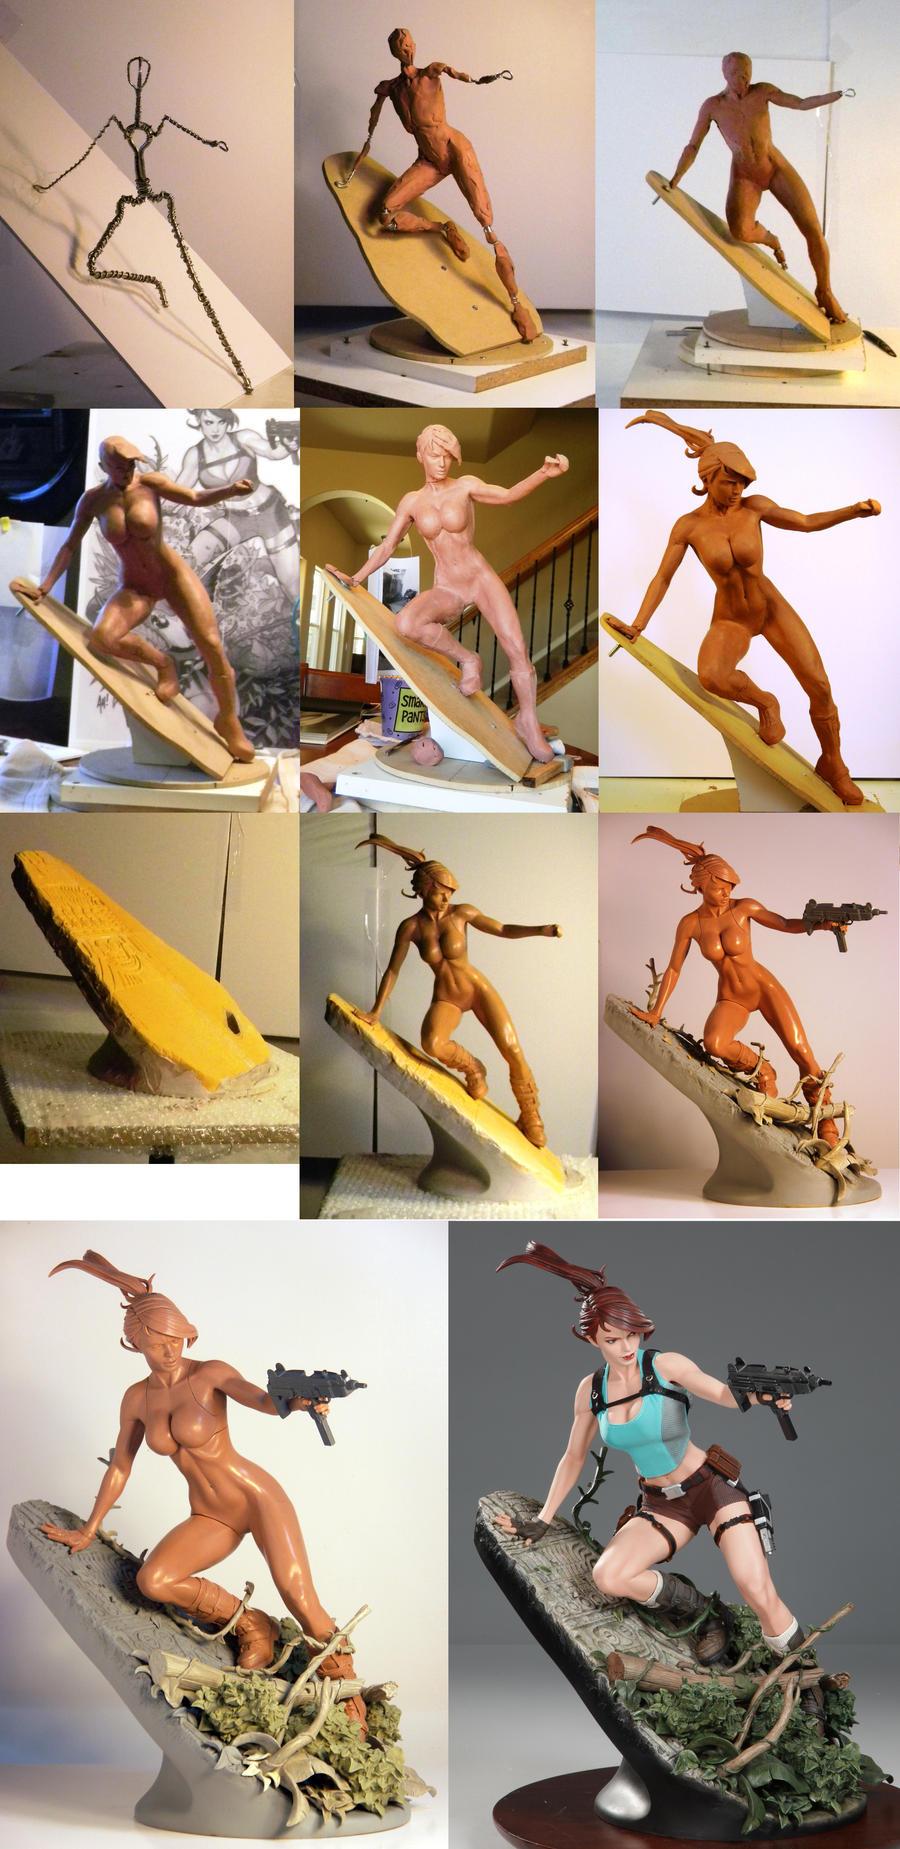 Lara croft nude figure nude gallery